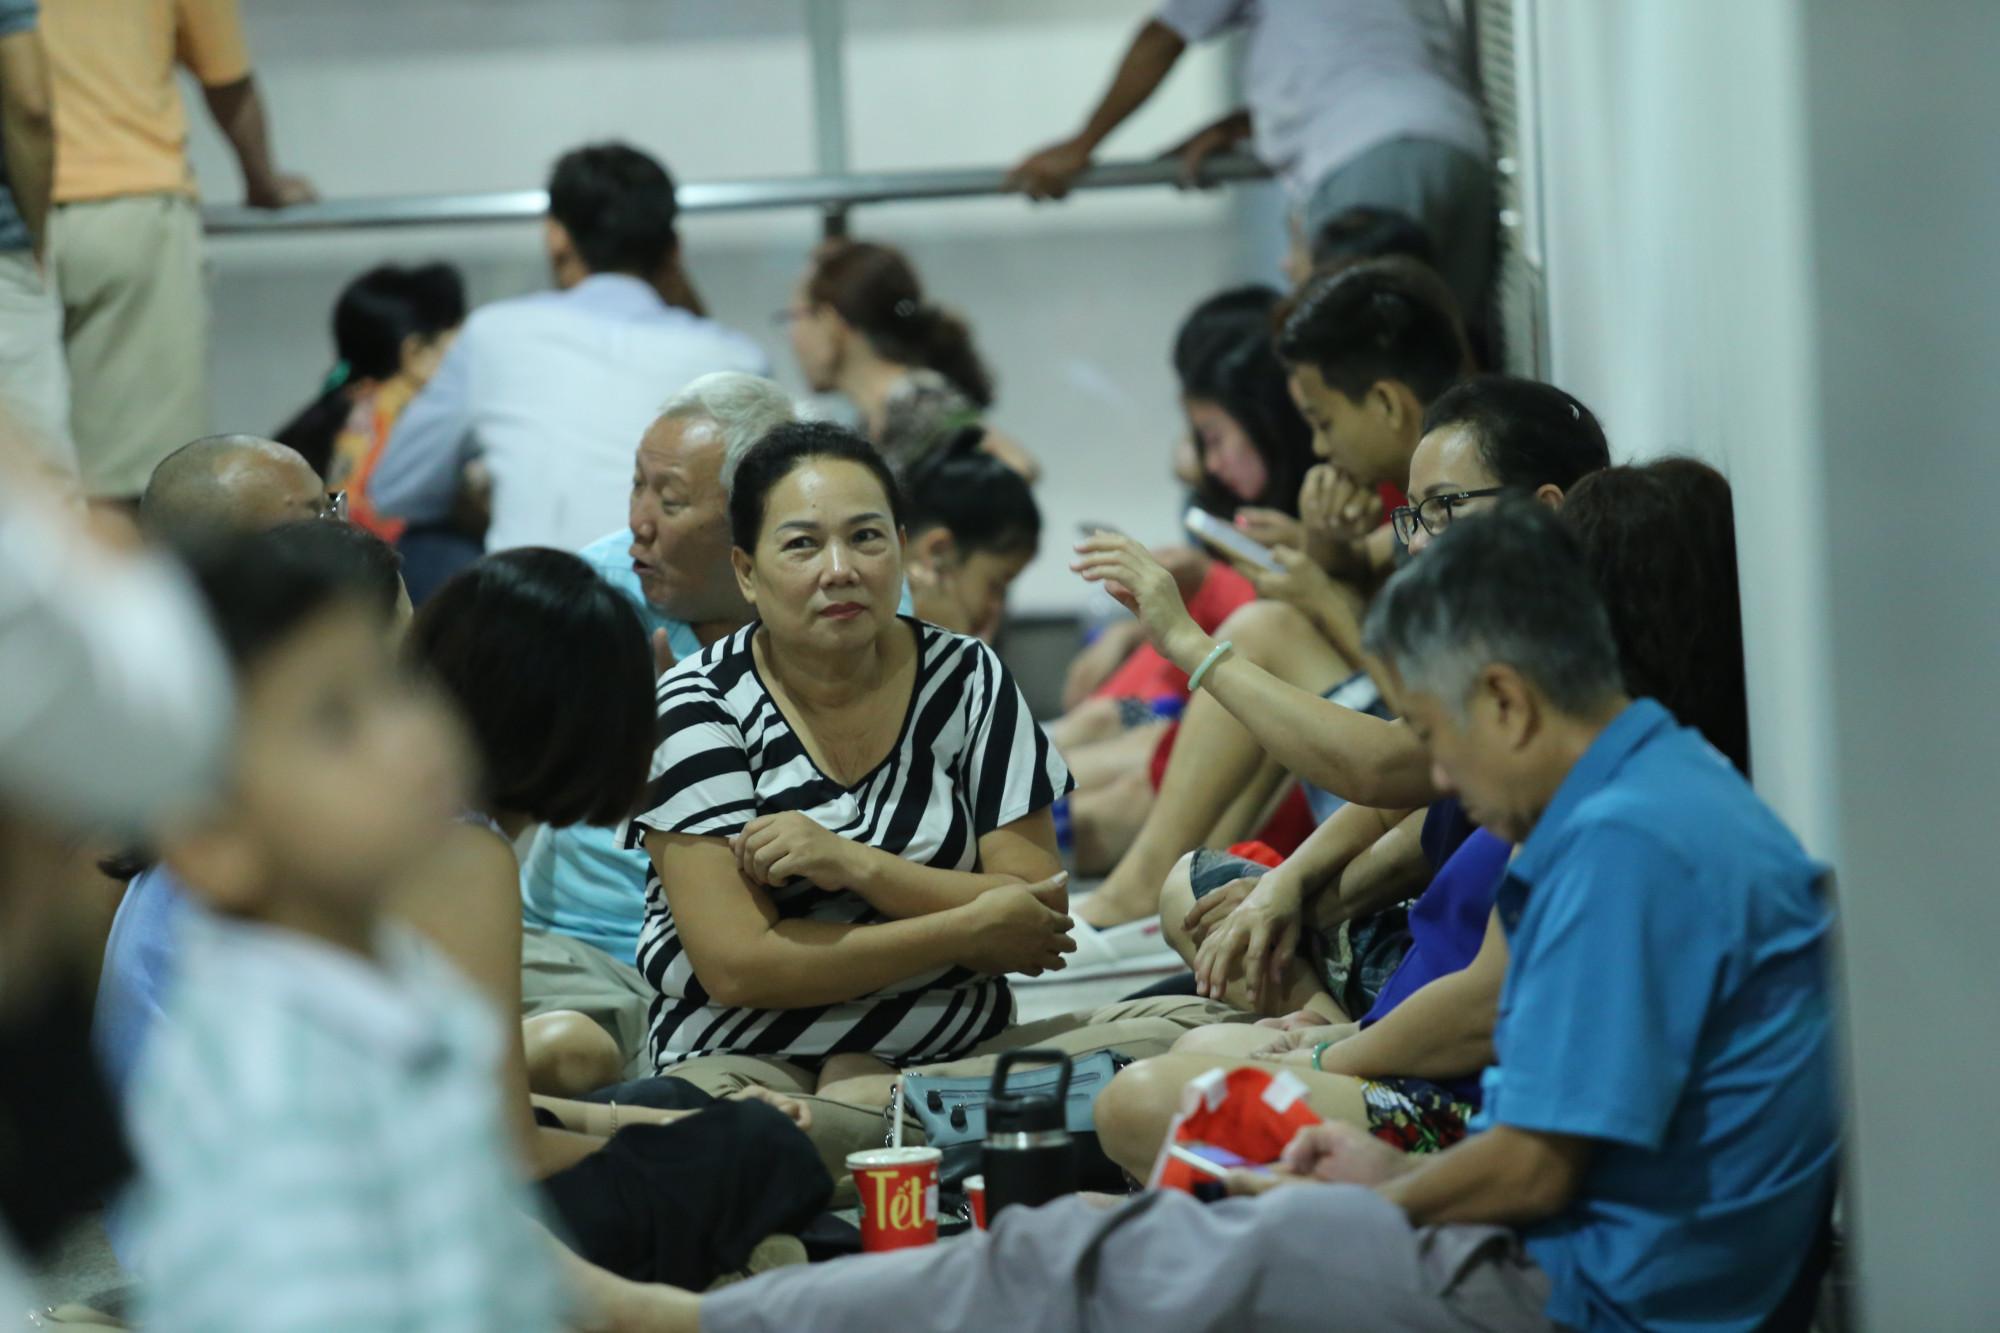 Không thể chen lấn giữa đám đông nên nhiều người chọn cách dời xa khu vực và ngồi bệt dưới sảnh nhà ga để chờ đợi chuyến bay đến